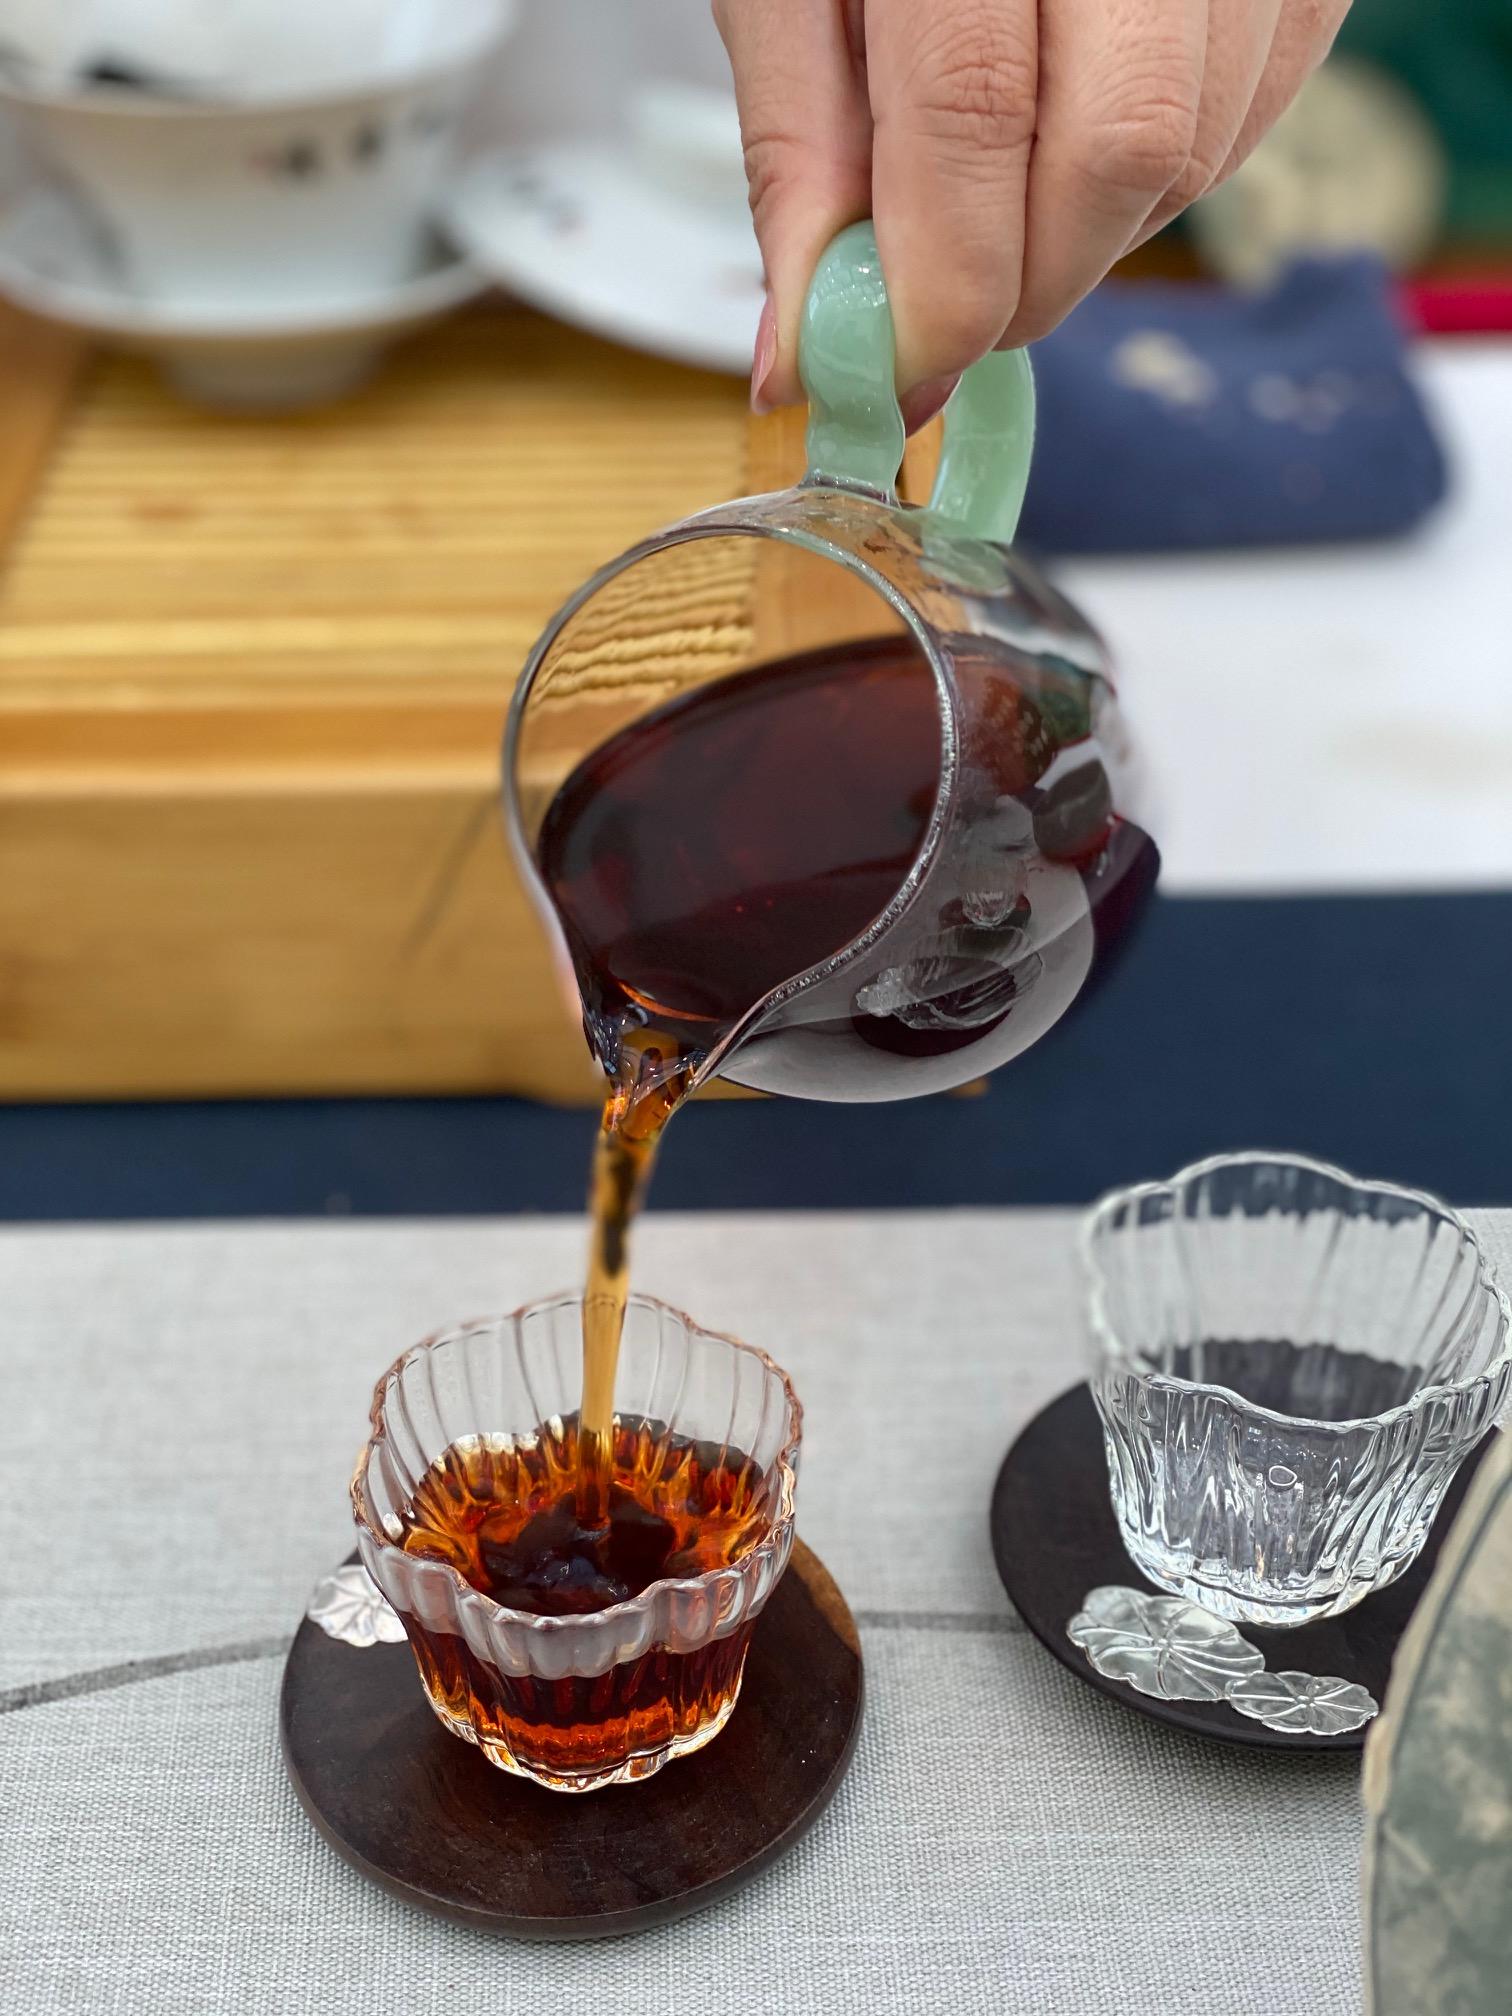 五爷熟普洱茶汤呈深褐色。 澎湃新闻记者 俞凯 图